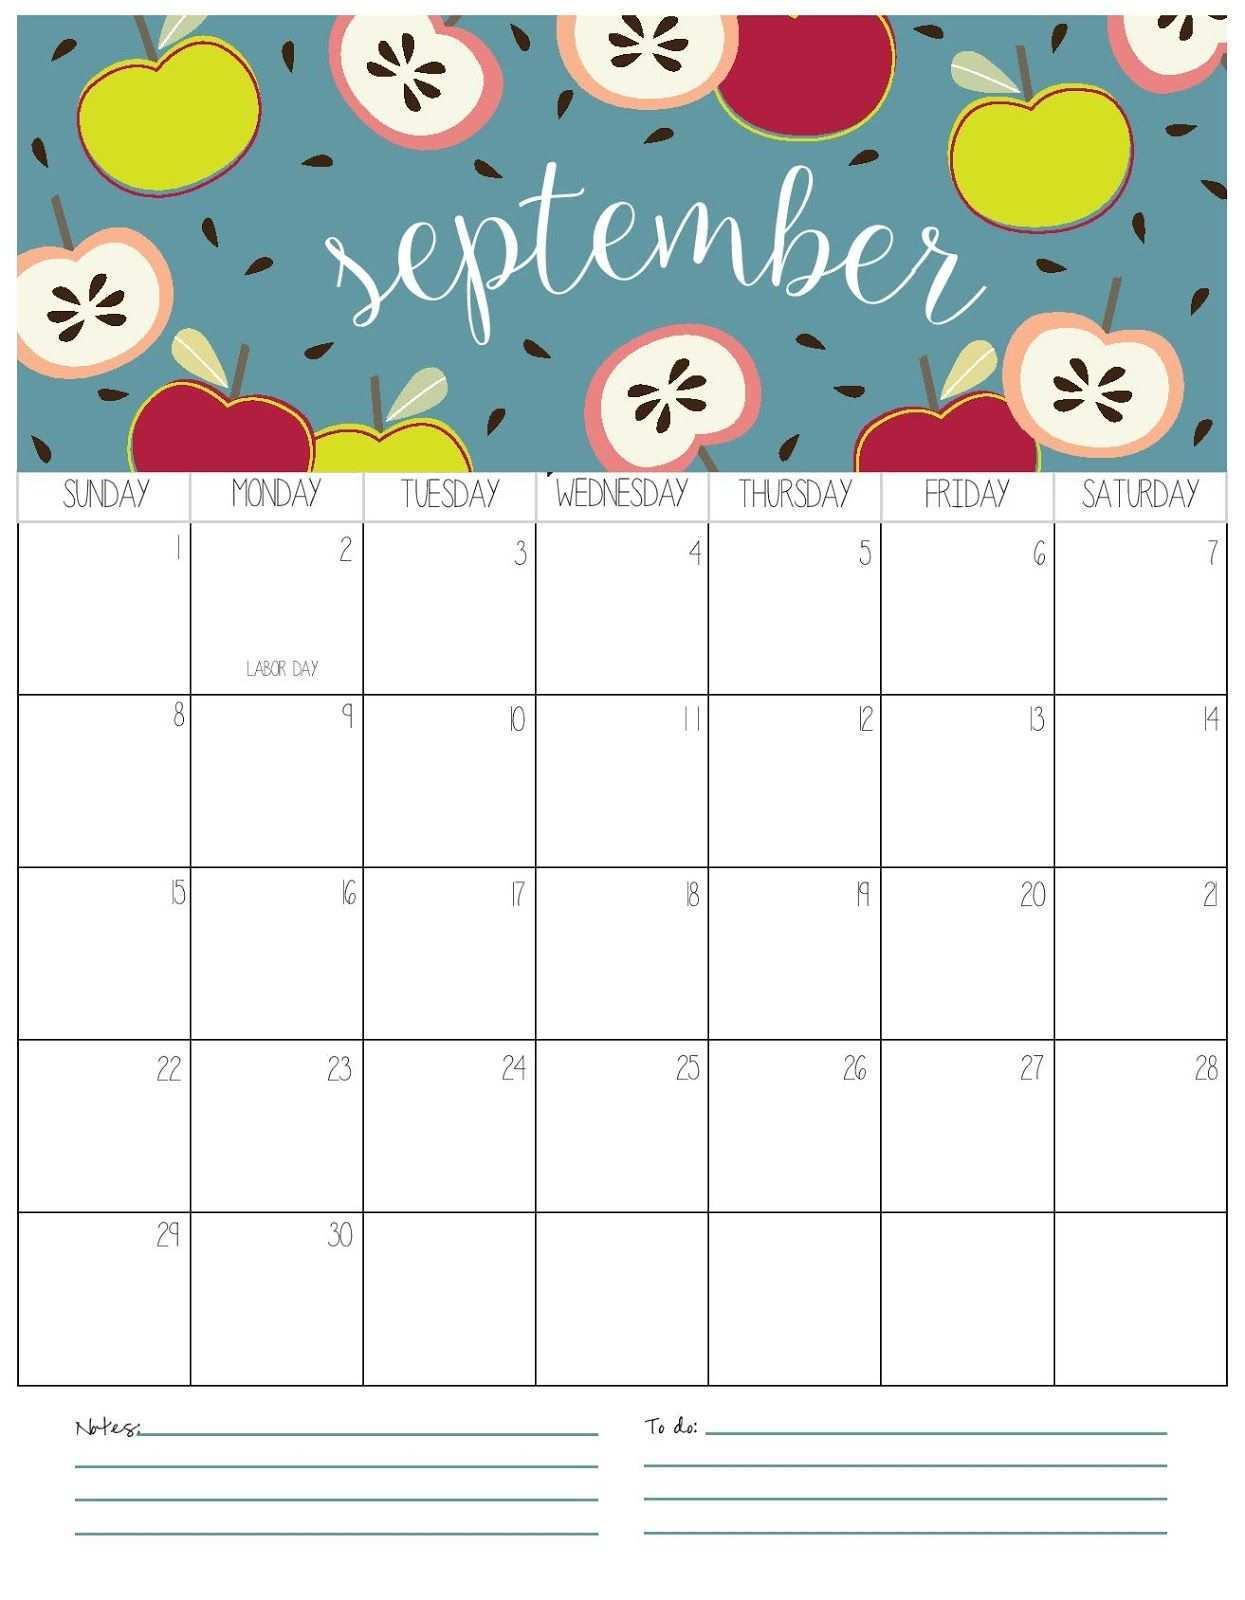 Tipss Und Vorlagen Kalender 2019 Zum Ausdrucken Fur Kinder Kalender Fur Kinder Kalender Zum Ausdrucken Kalender